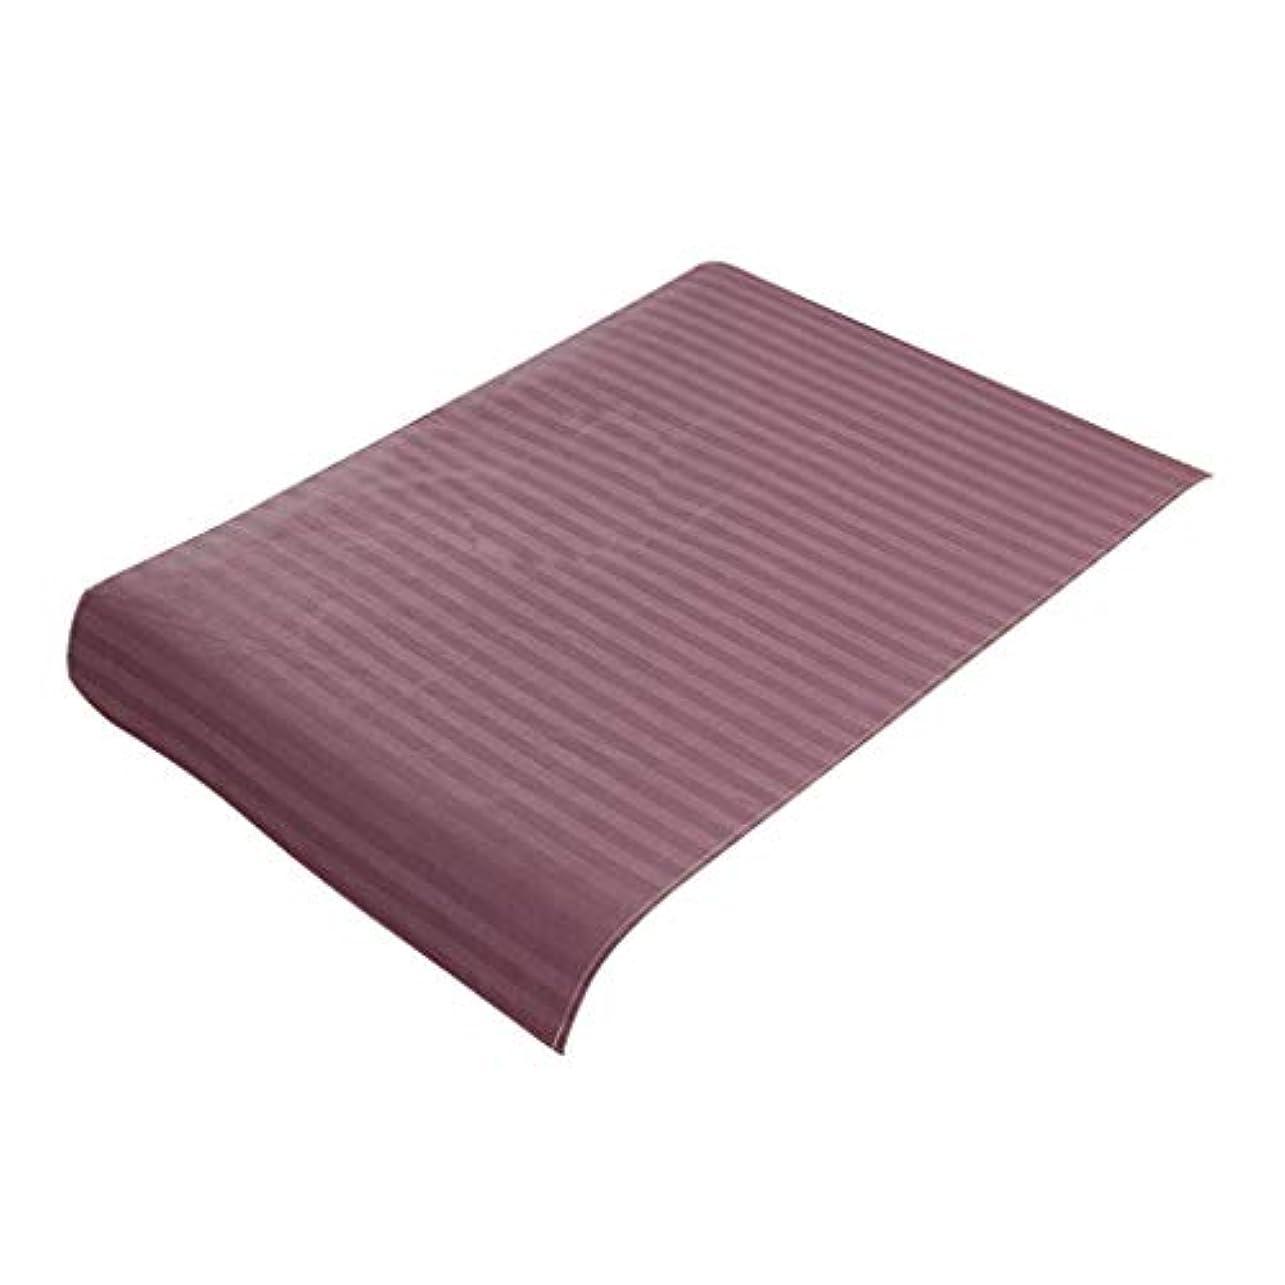 記憶に残るお酢証言美容ベッドカバー マッサージ台スカート コットン生地 スパ マッサージベッドカバー 全7色 - 紫